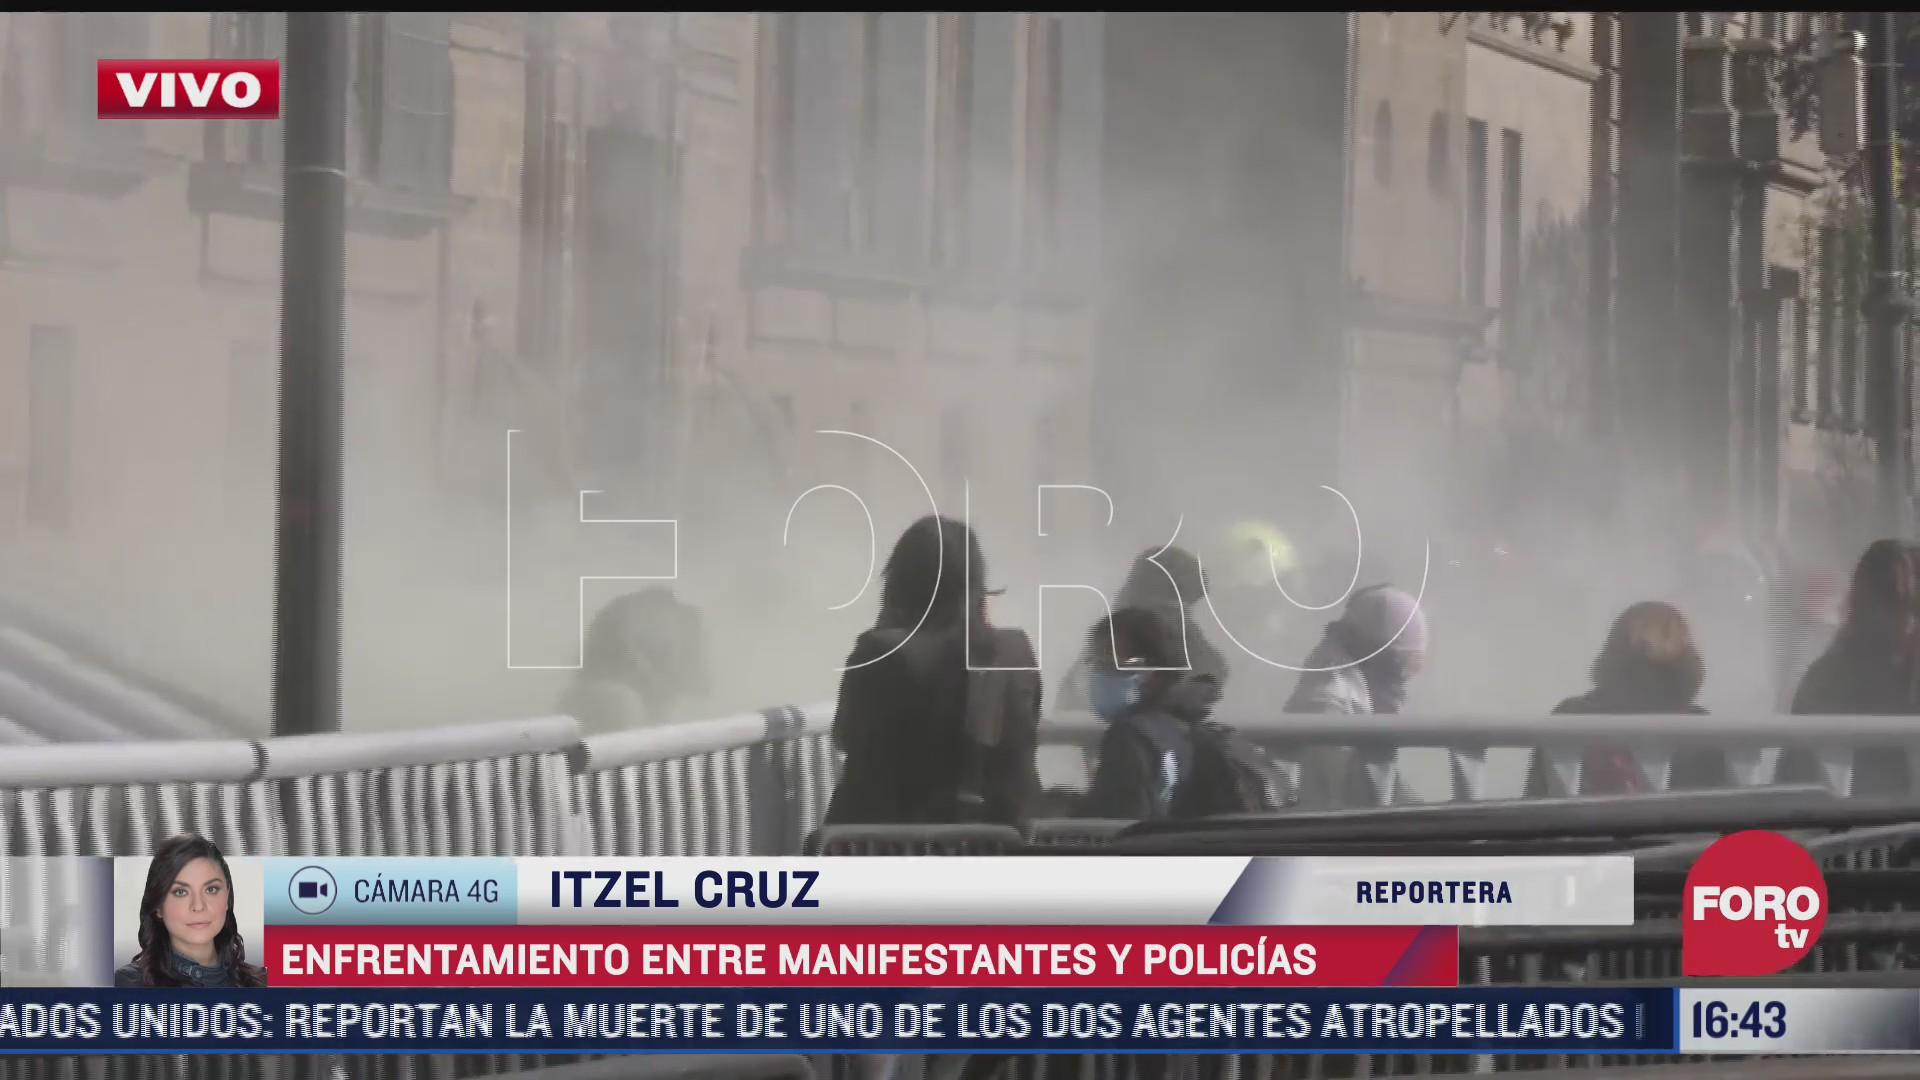 se registra enfrentamiento entre manifestantes y policias en palacio nacional